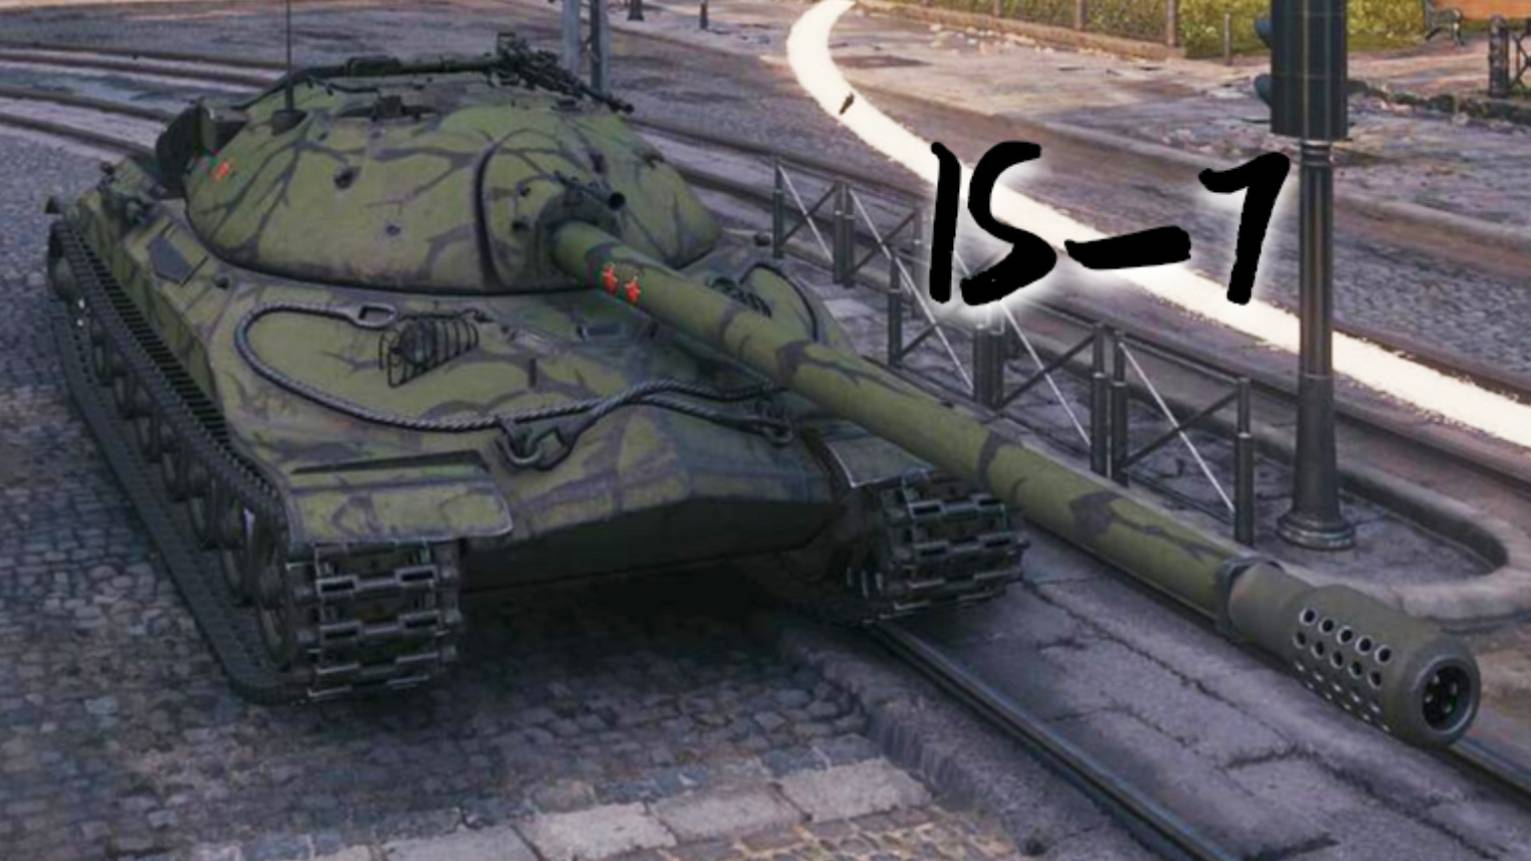 【坦克世界】IS-7 - 10杀 - 1.1万输出